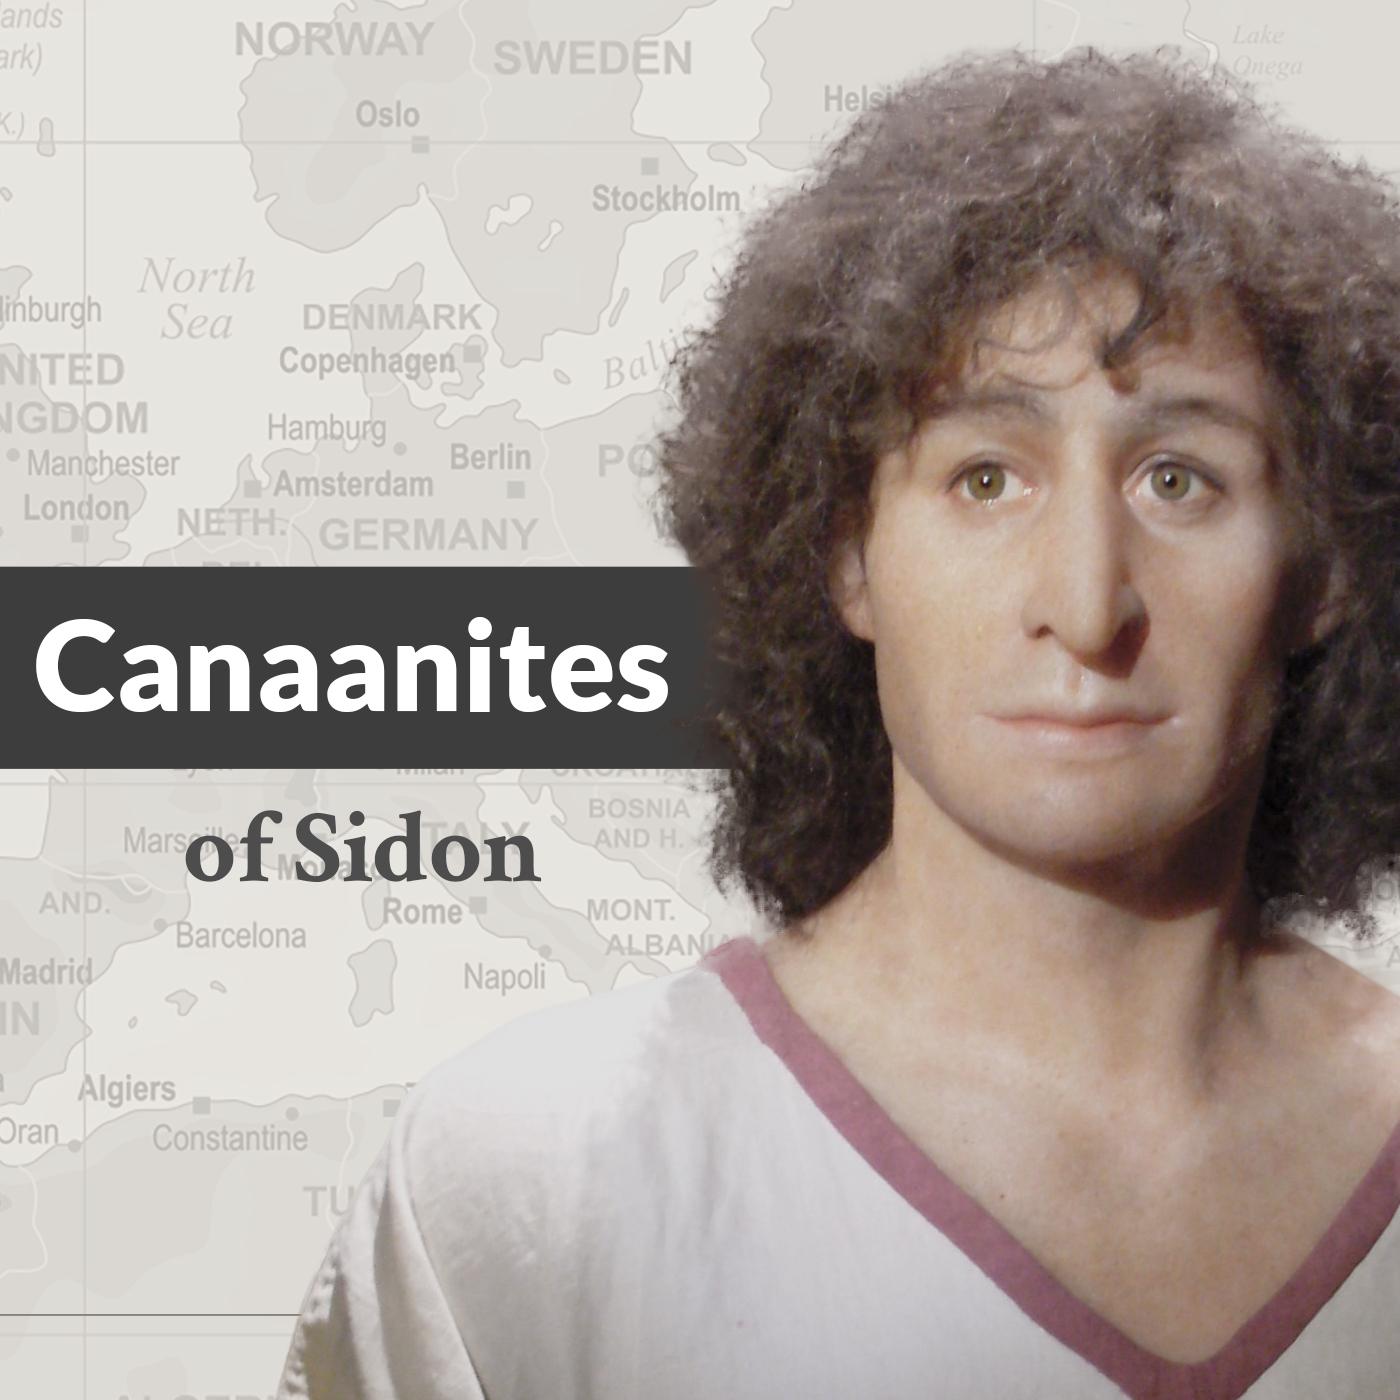 Canaanites of Sidon